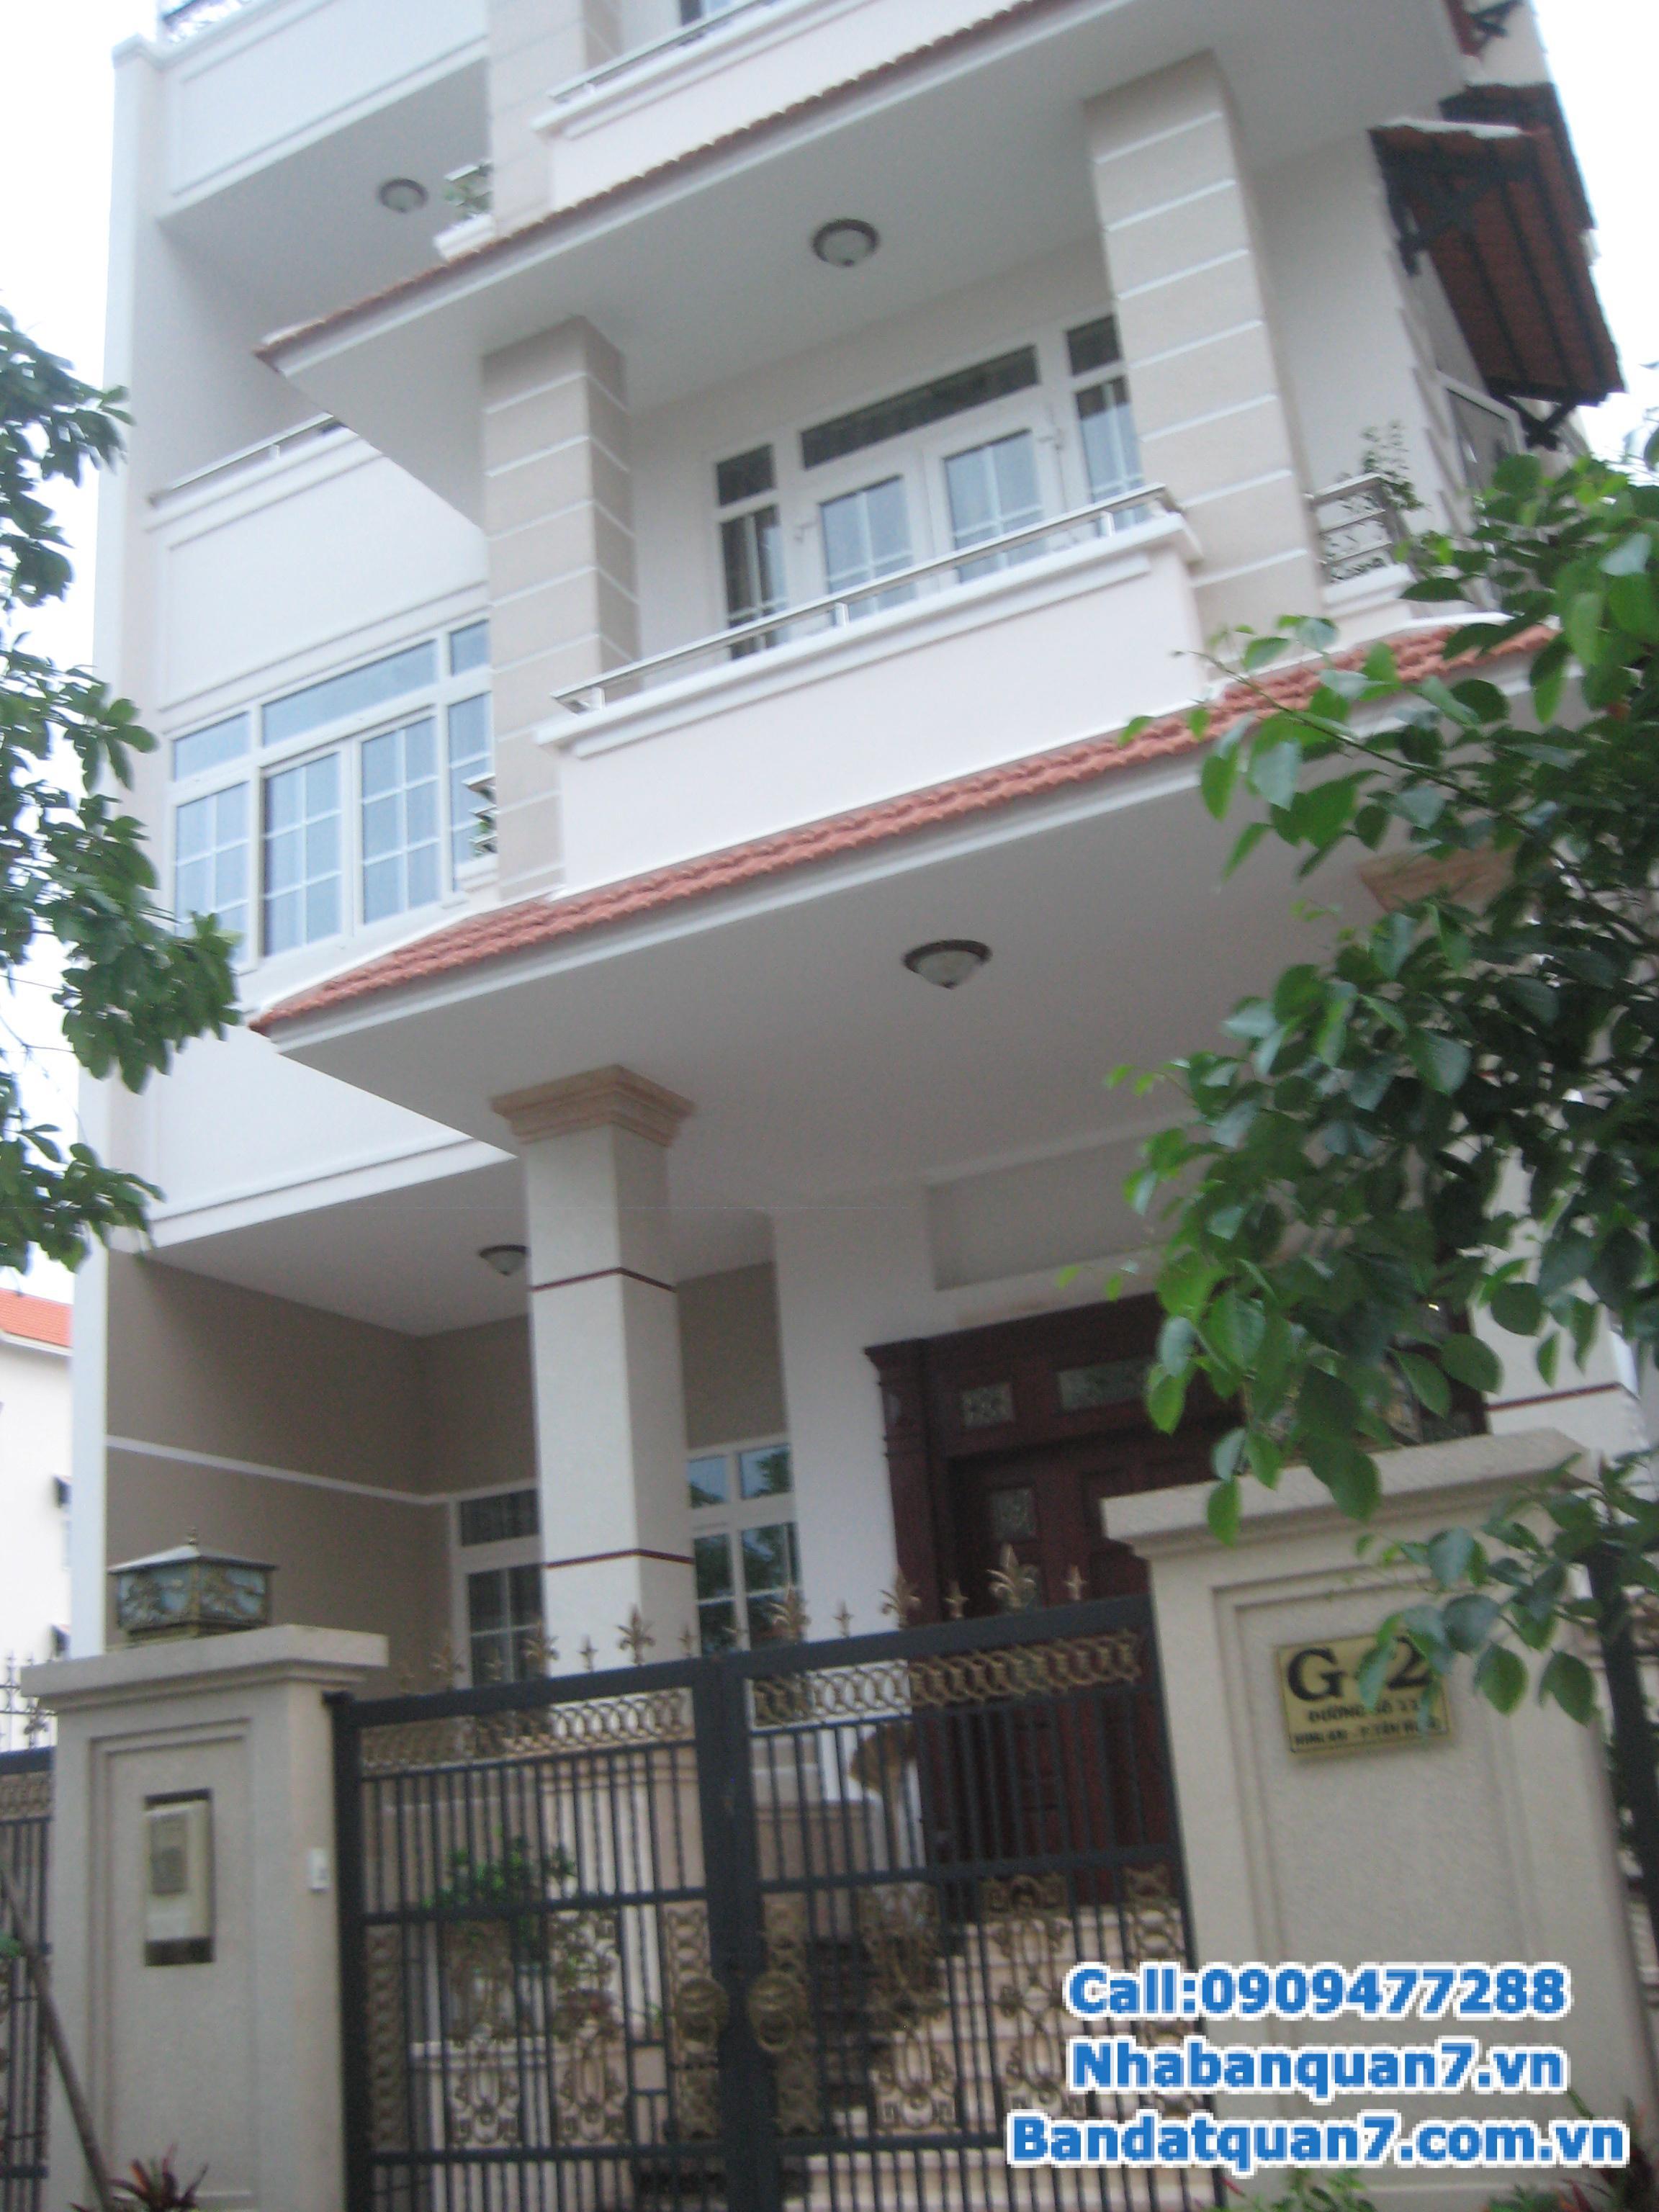 Bán nhà phố khu Him Lam Kênh Tẻ mặt tiền đường D1 (35m) 1 hầm, 1 trệt, 4,5 lầu 12 tỷ